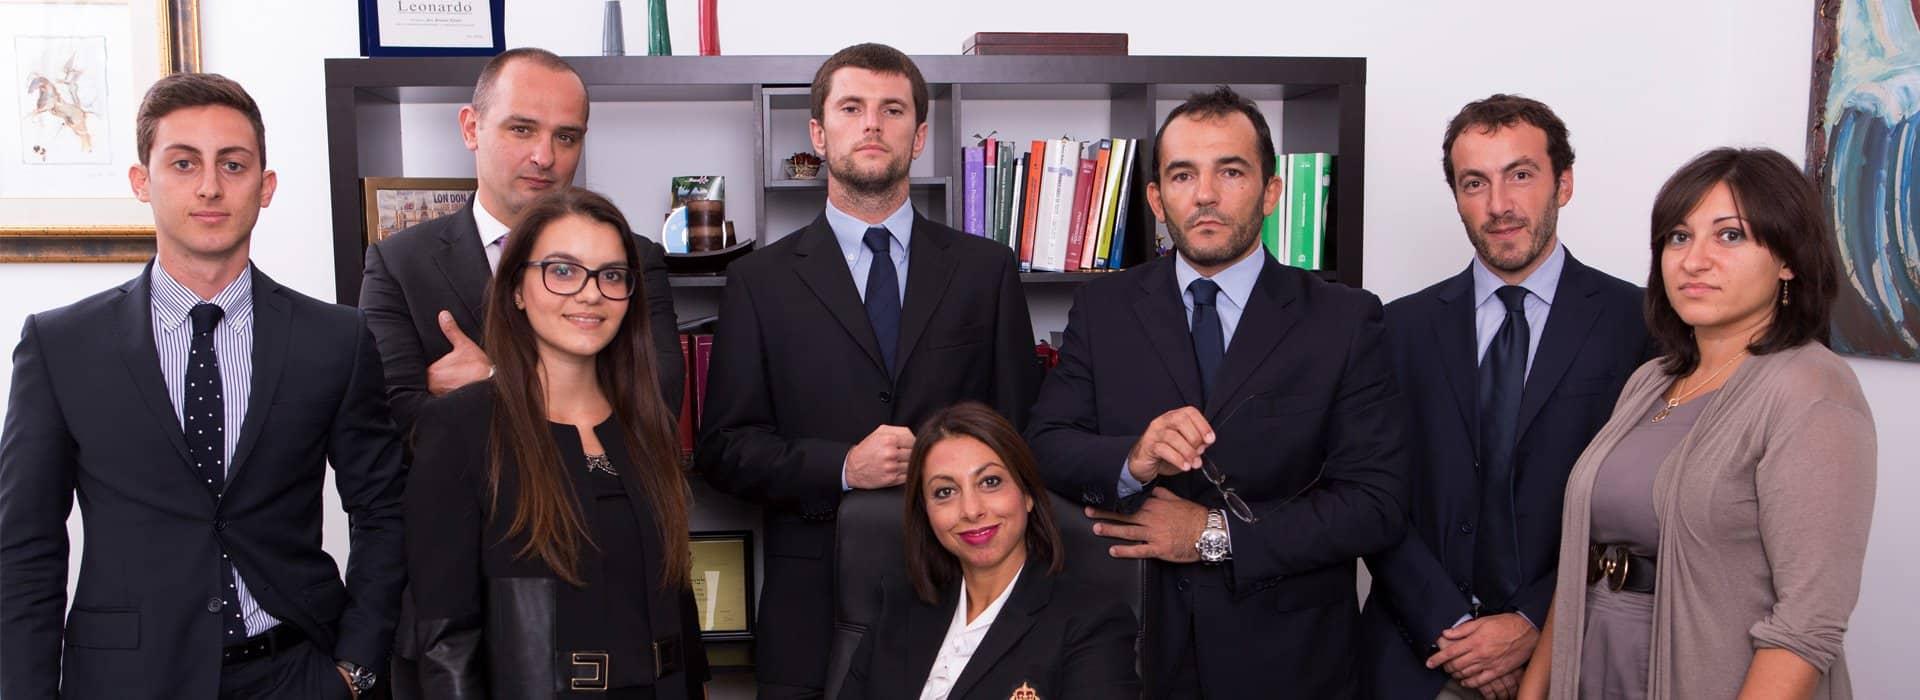 Avvocati roma Studio Del Monte